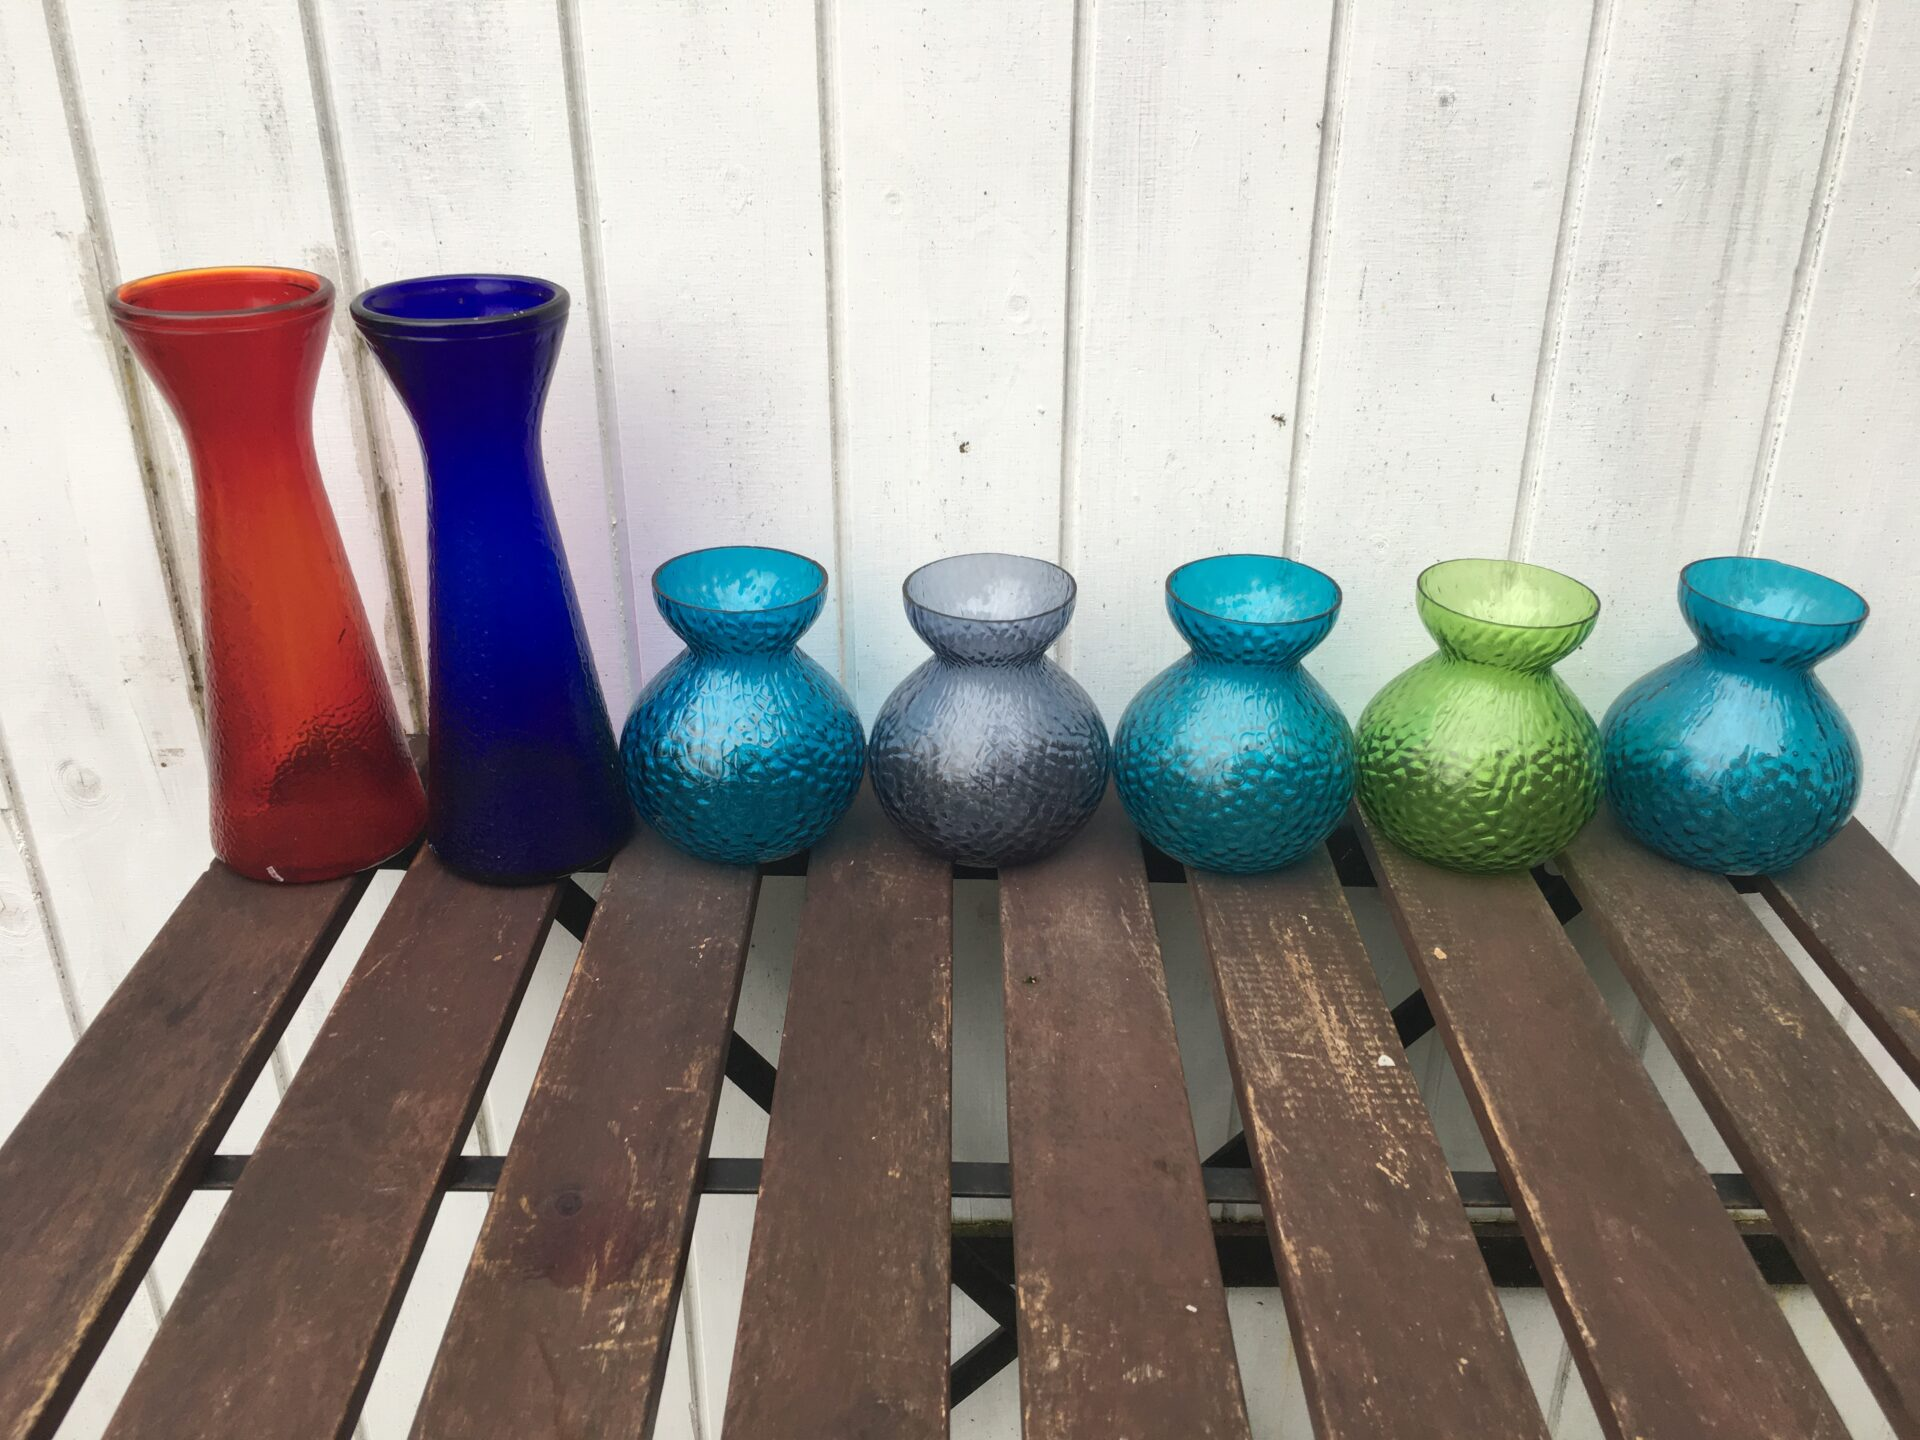 gamle hyacinth glas fra Fyens glasværk 250/200 kr pr. stk